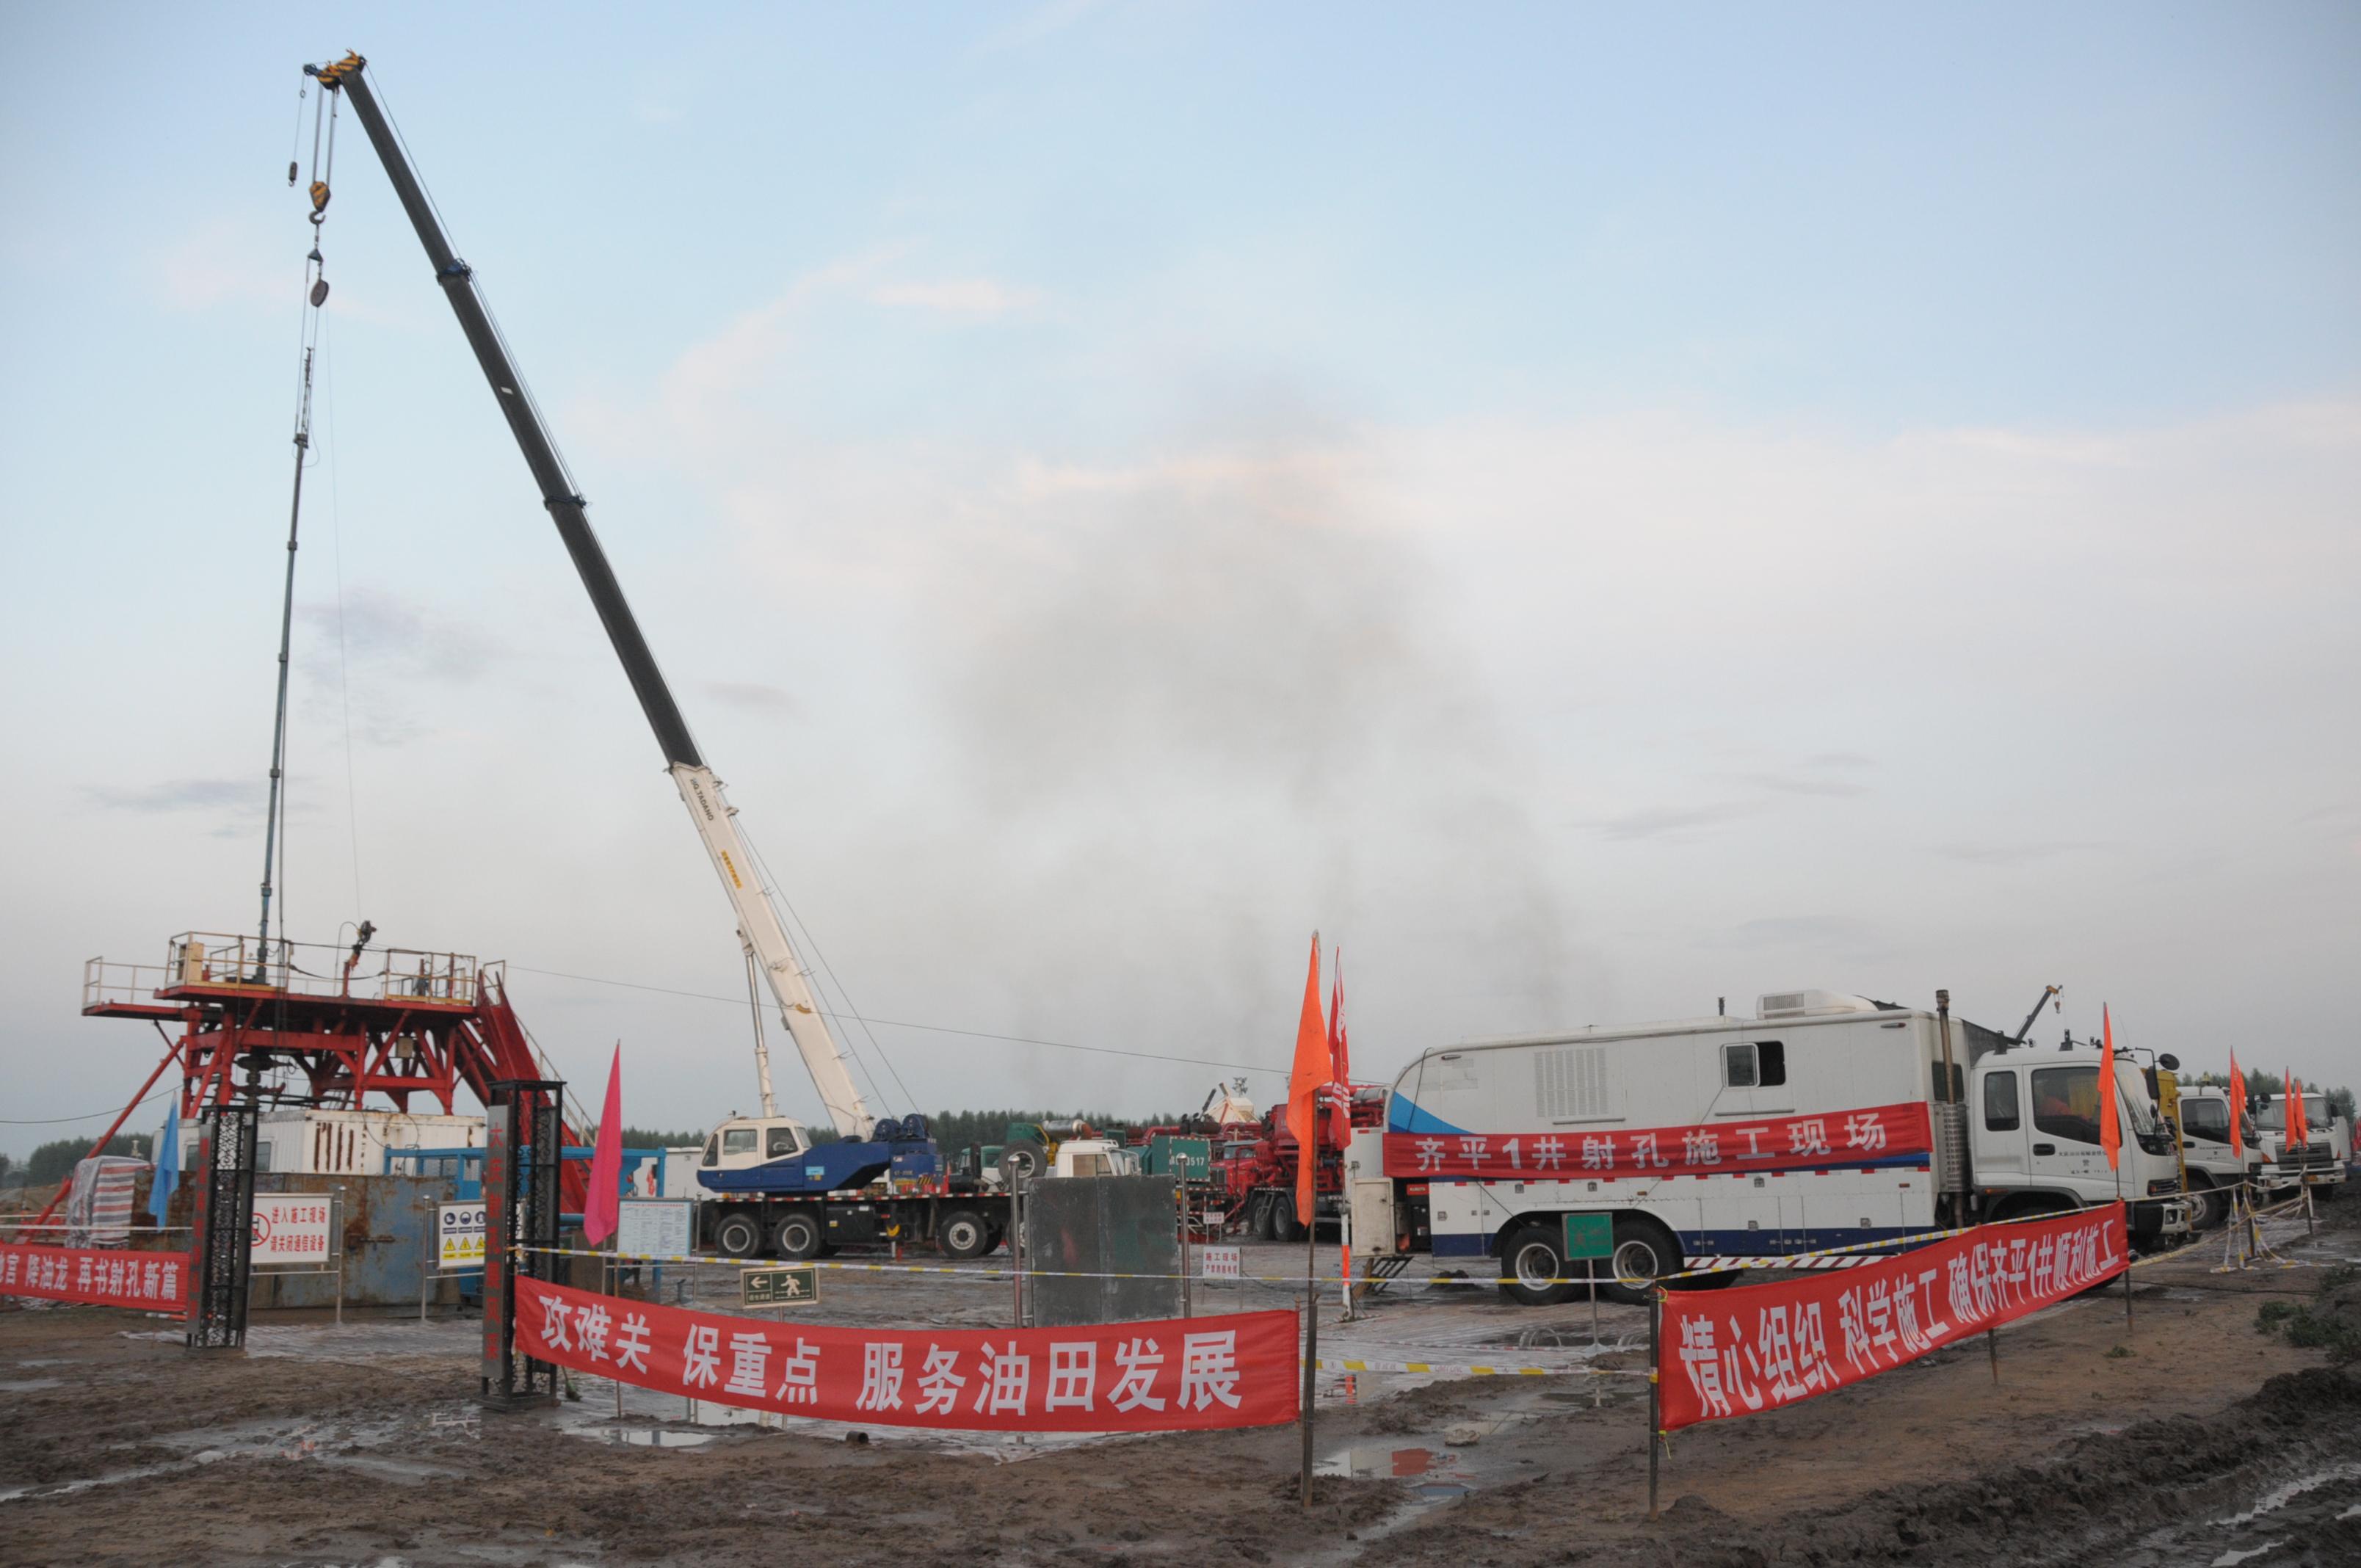 大庆图片2018.11.26-4